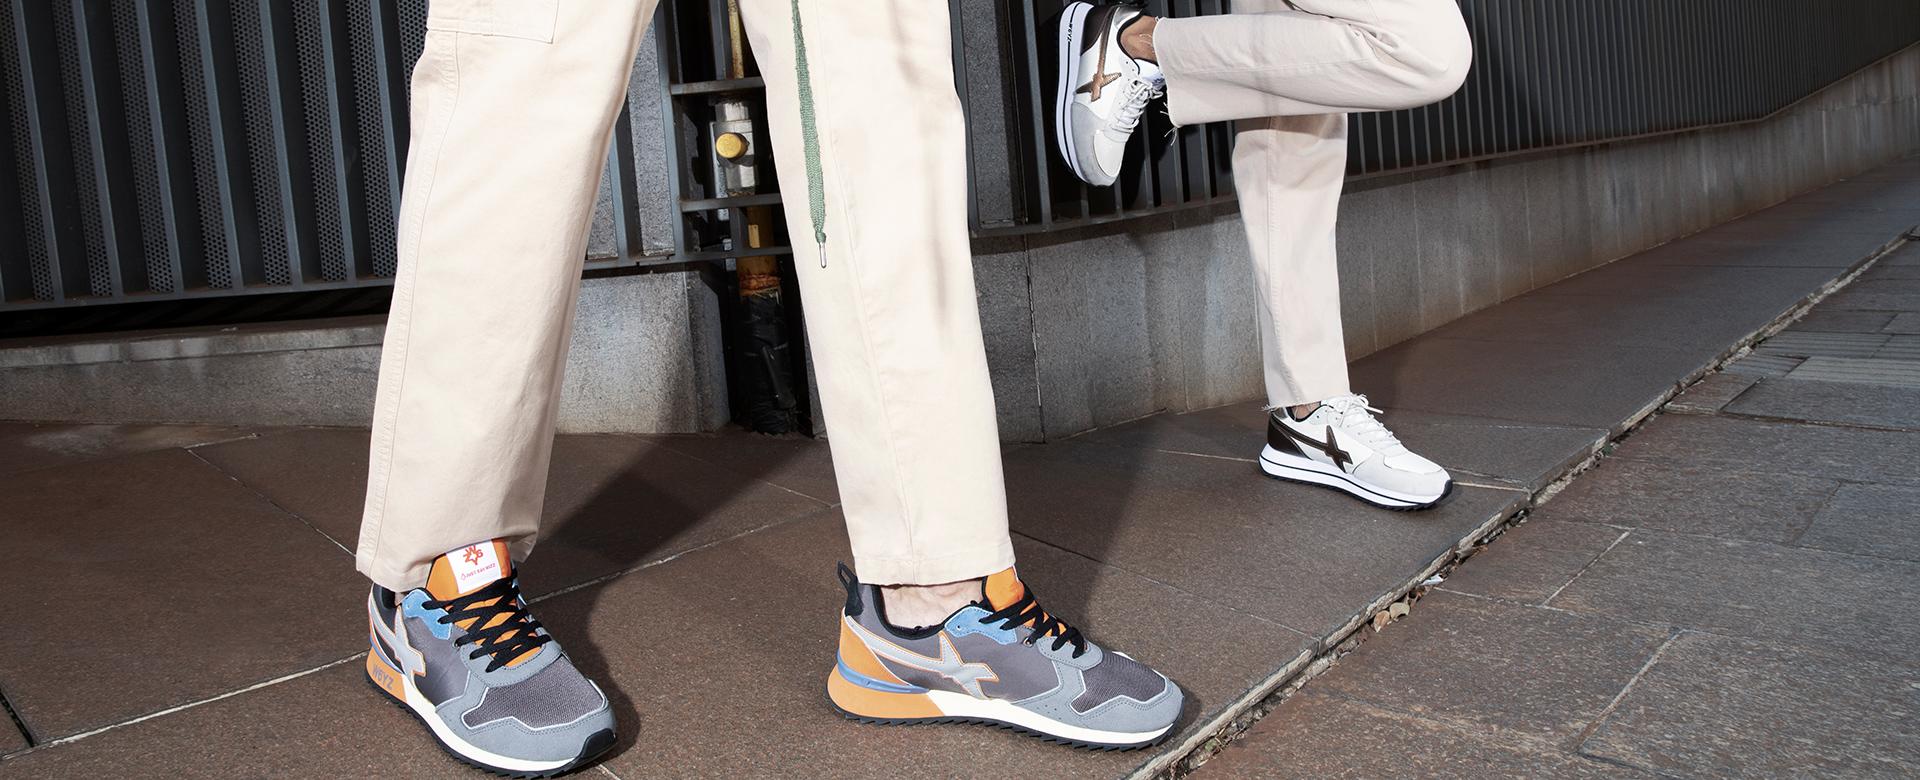 sneakers w6yz